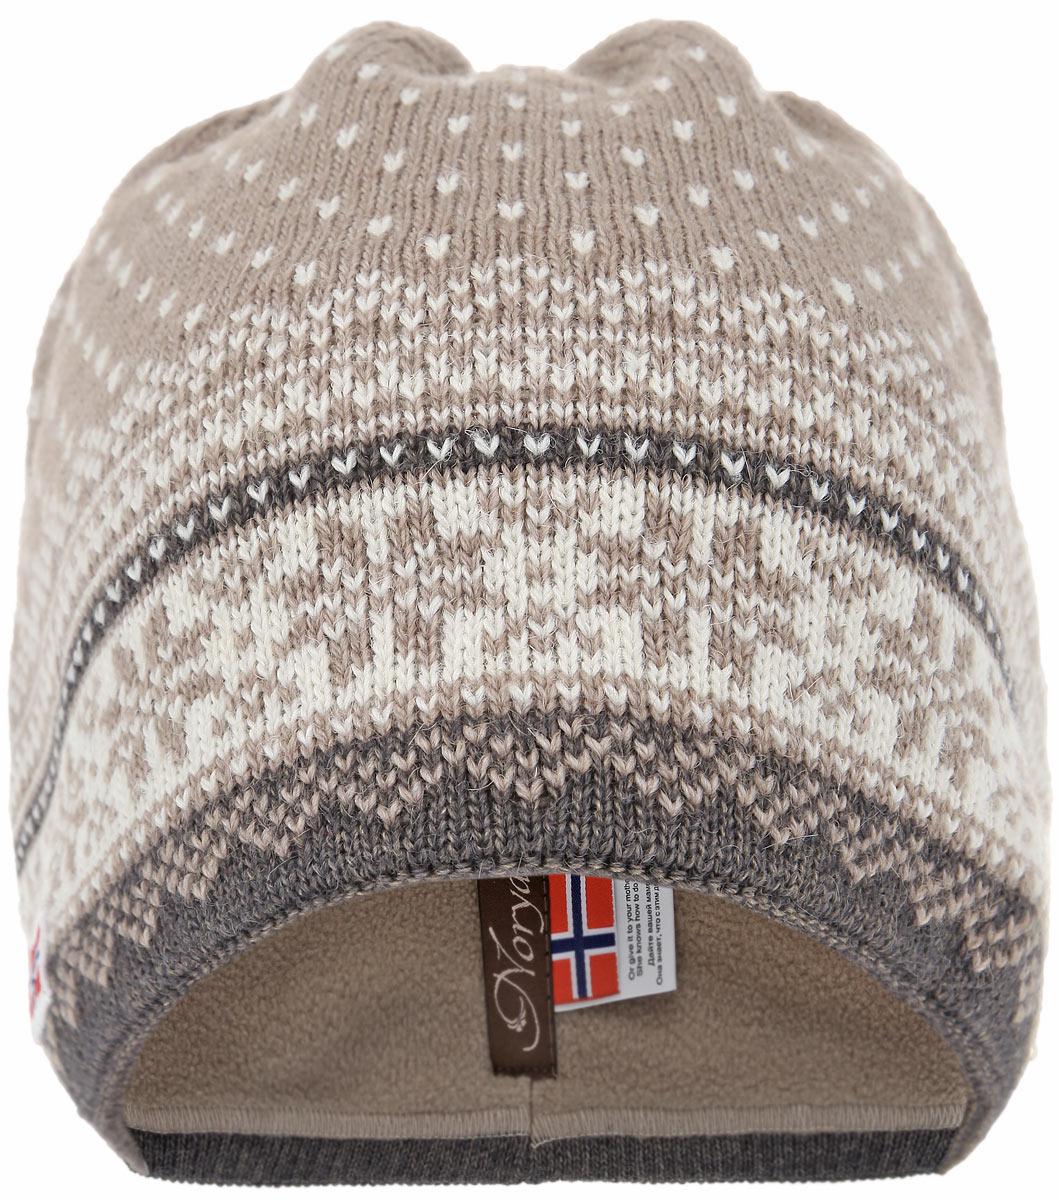 Шапка женская. 43754375Элегантная шапка Noryalli выполнена из альпаки, шерсти, мохера и акрила. Утеплитель - полоска из мягкого флиса. Модель с норвежским орнаментом на макушке дополнена двумя кисточками. Отличный вариант на каждый день.